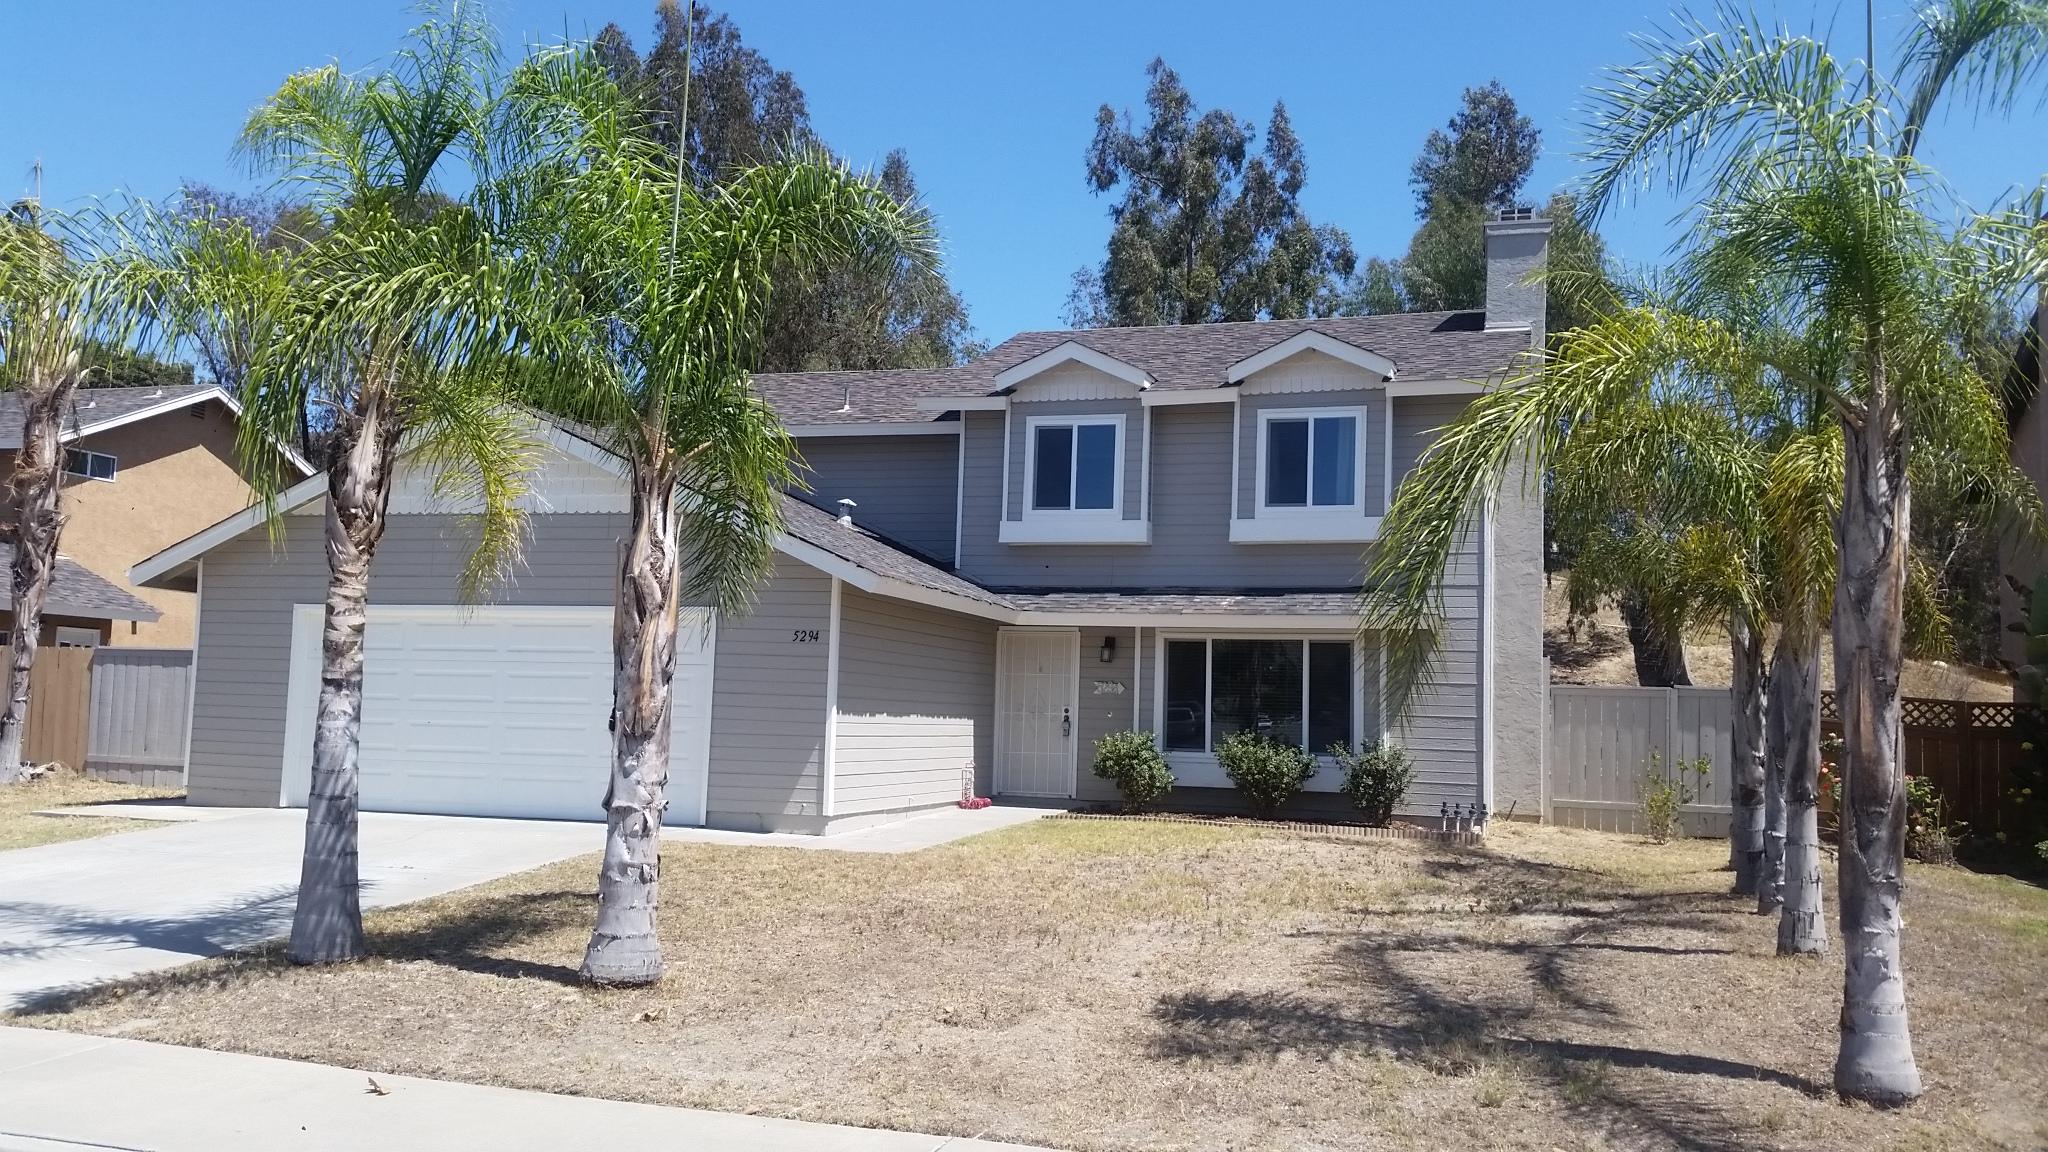 5294 Leon St. Oceanside, CA 92057